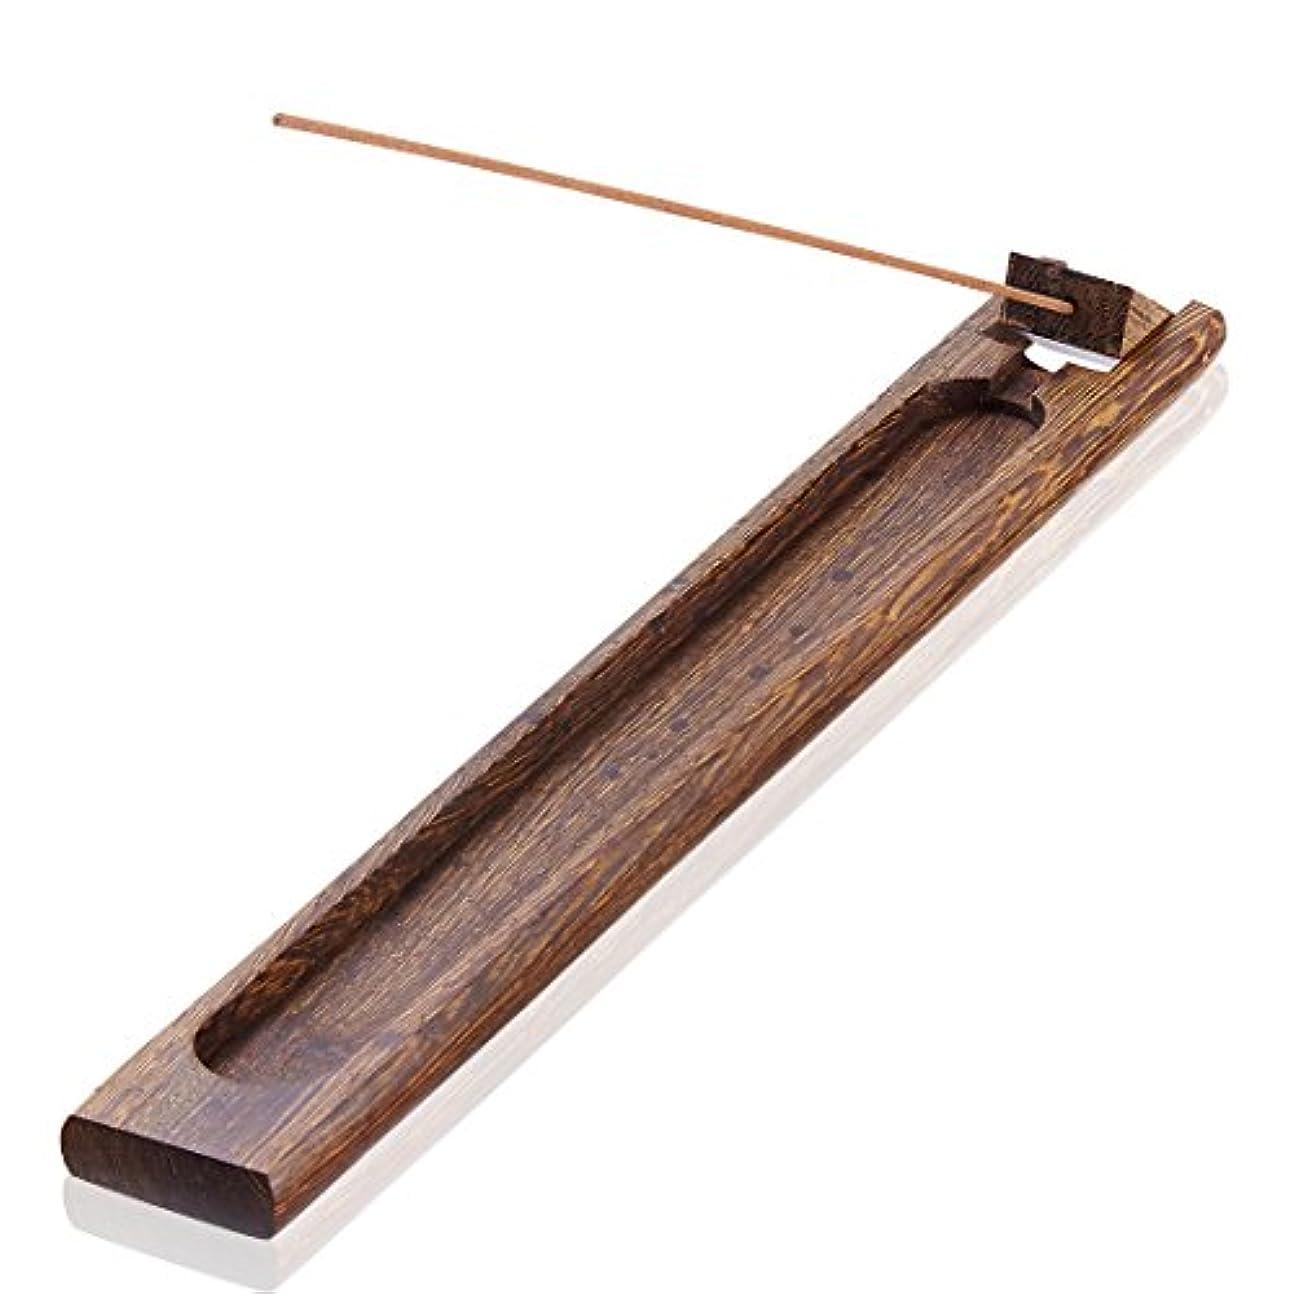 熱内訳然とした(02) - UOON Antique Wood Incense sticks Burner Holder Ash Catcher (02)